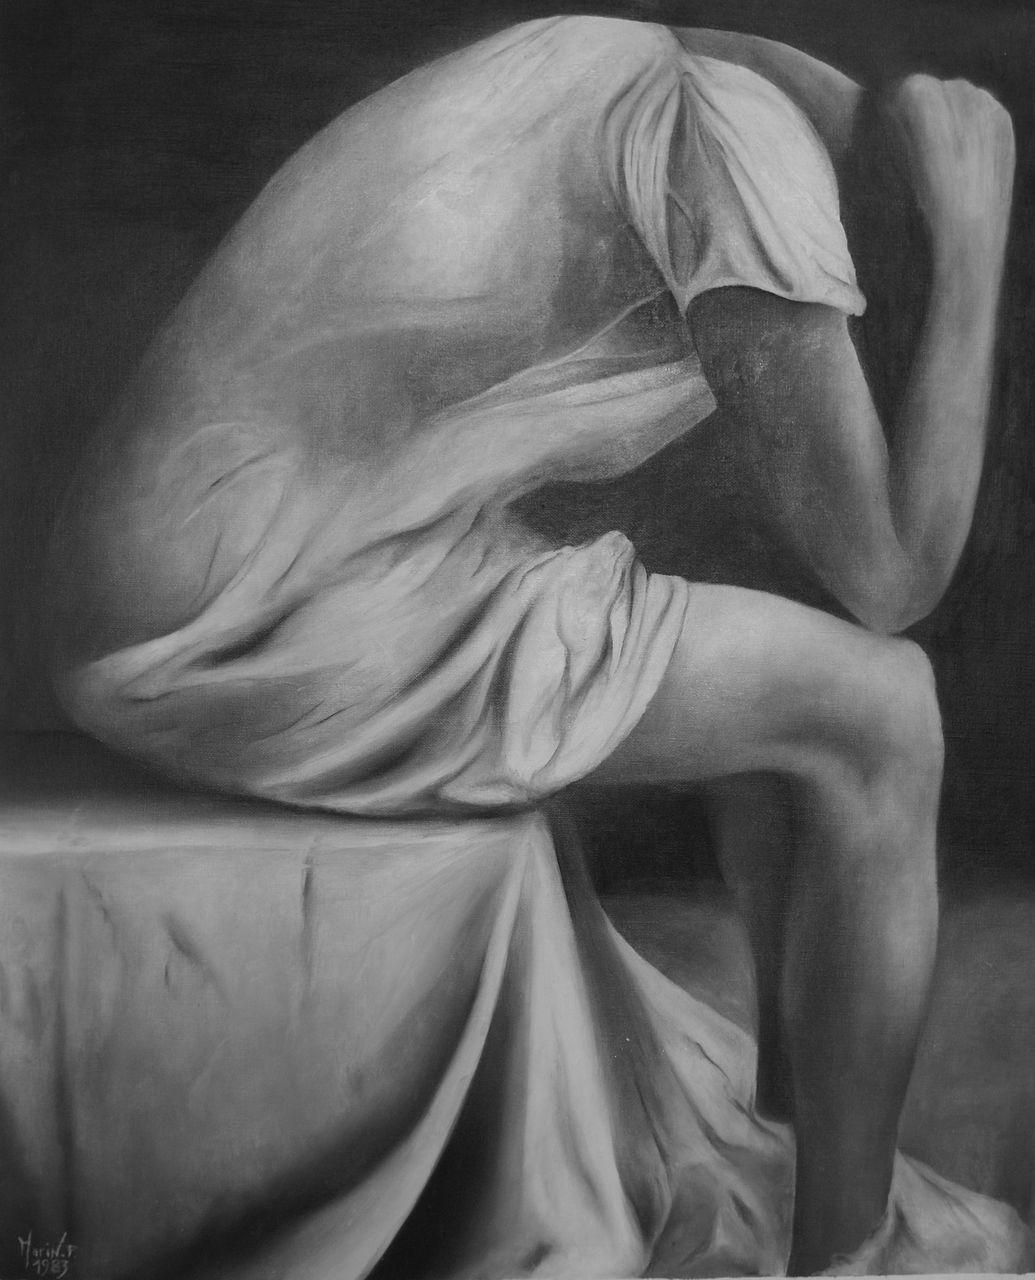 Patrick MARIN LA FEMME DANS SON BOUDOIR (1983) Vendu collection privée.